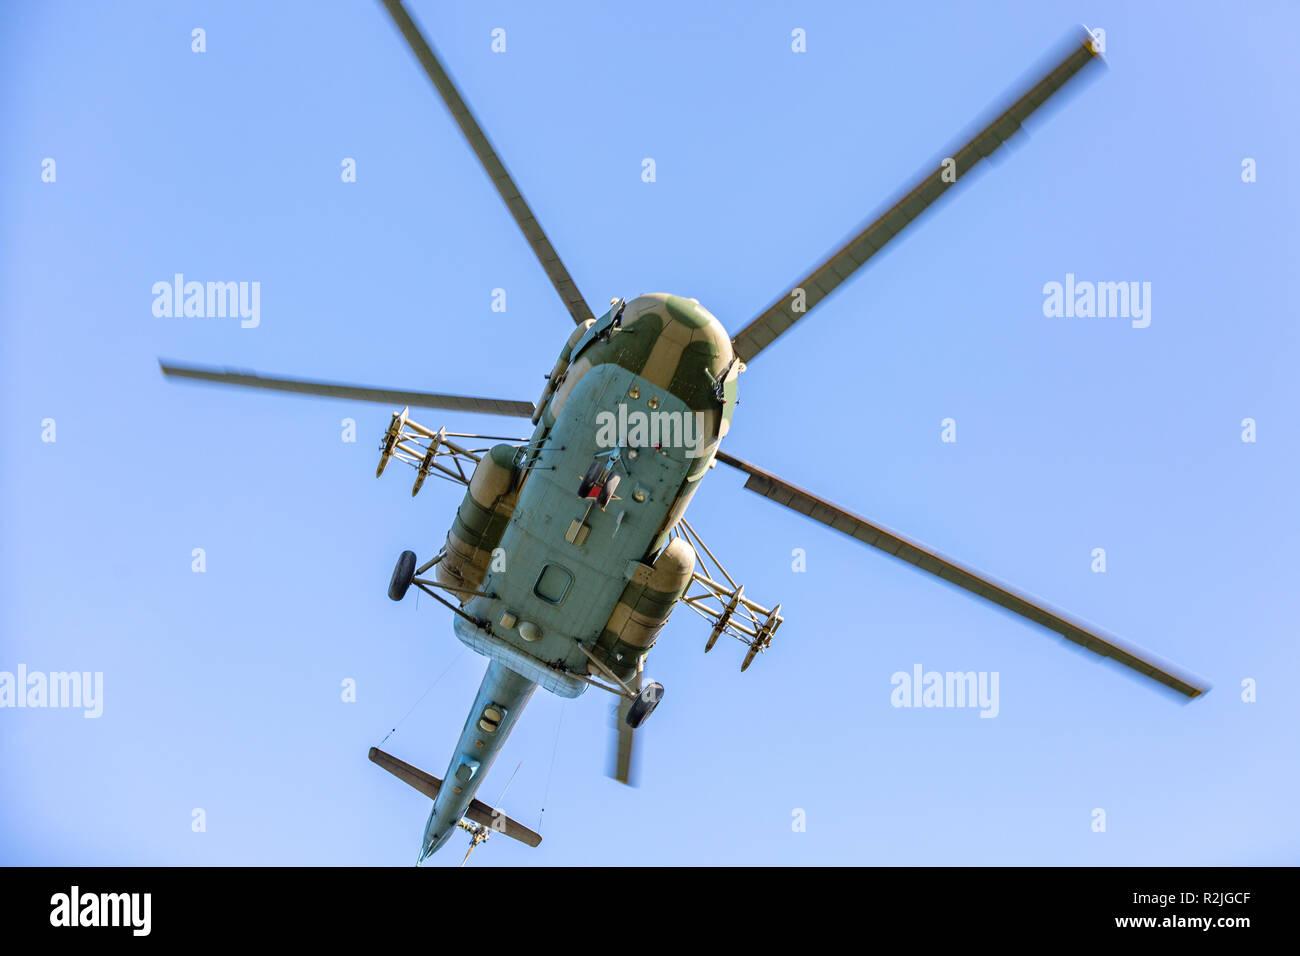 Helicóptero militar durante el ejercicio de realizar una demostración militar Foto de stock